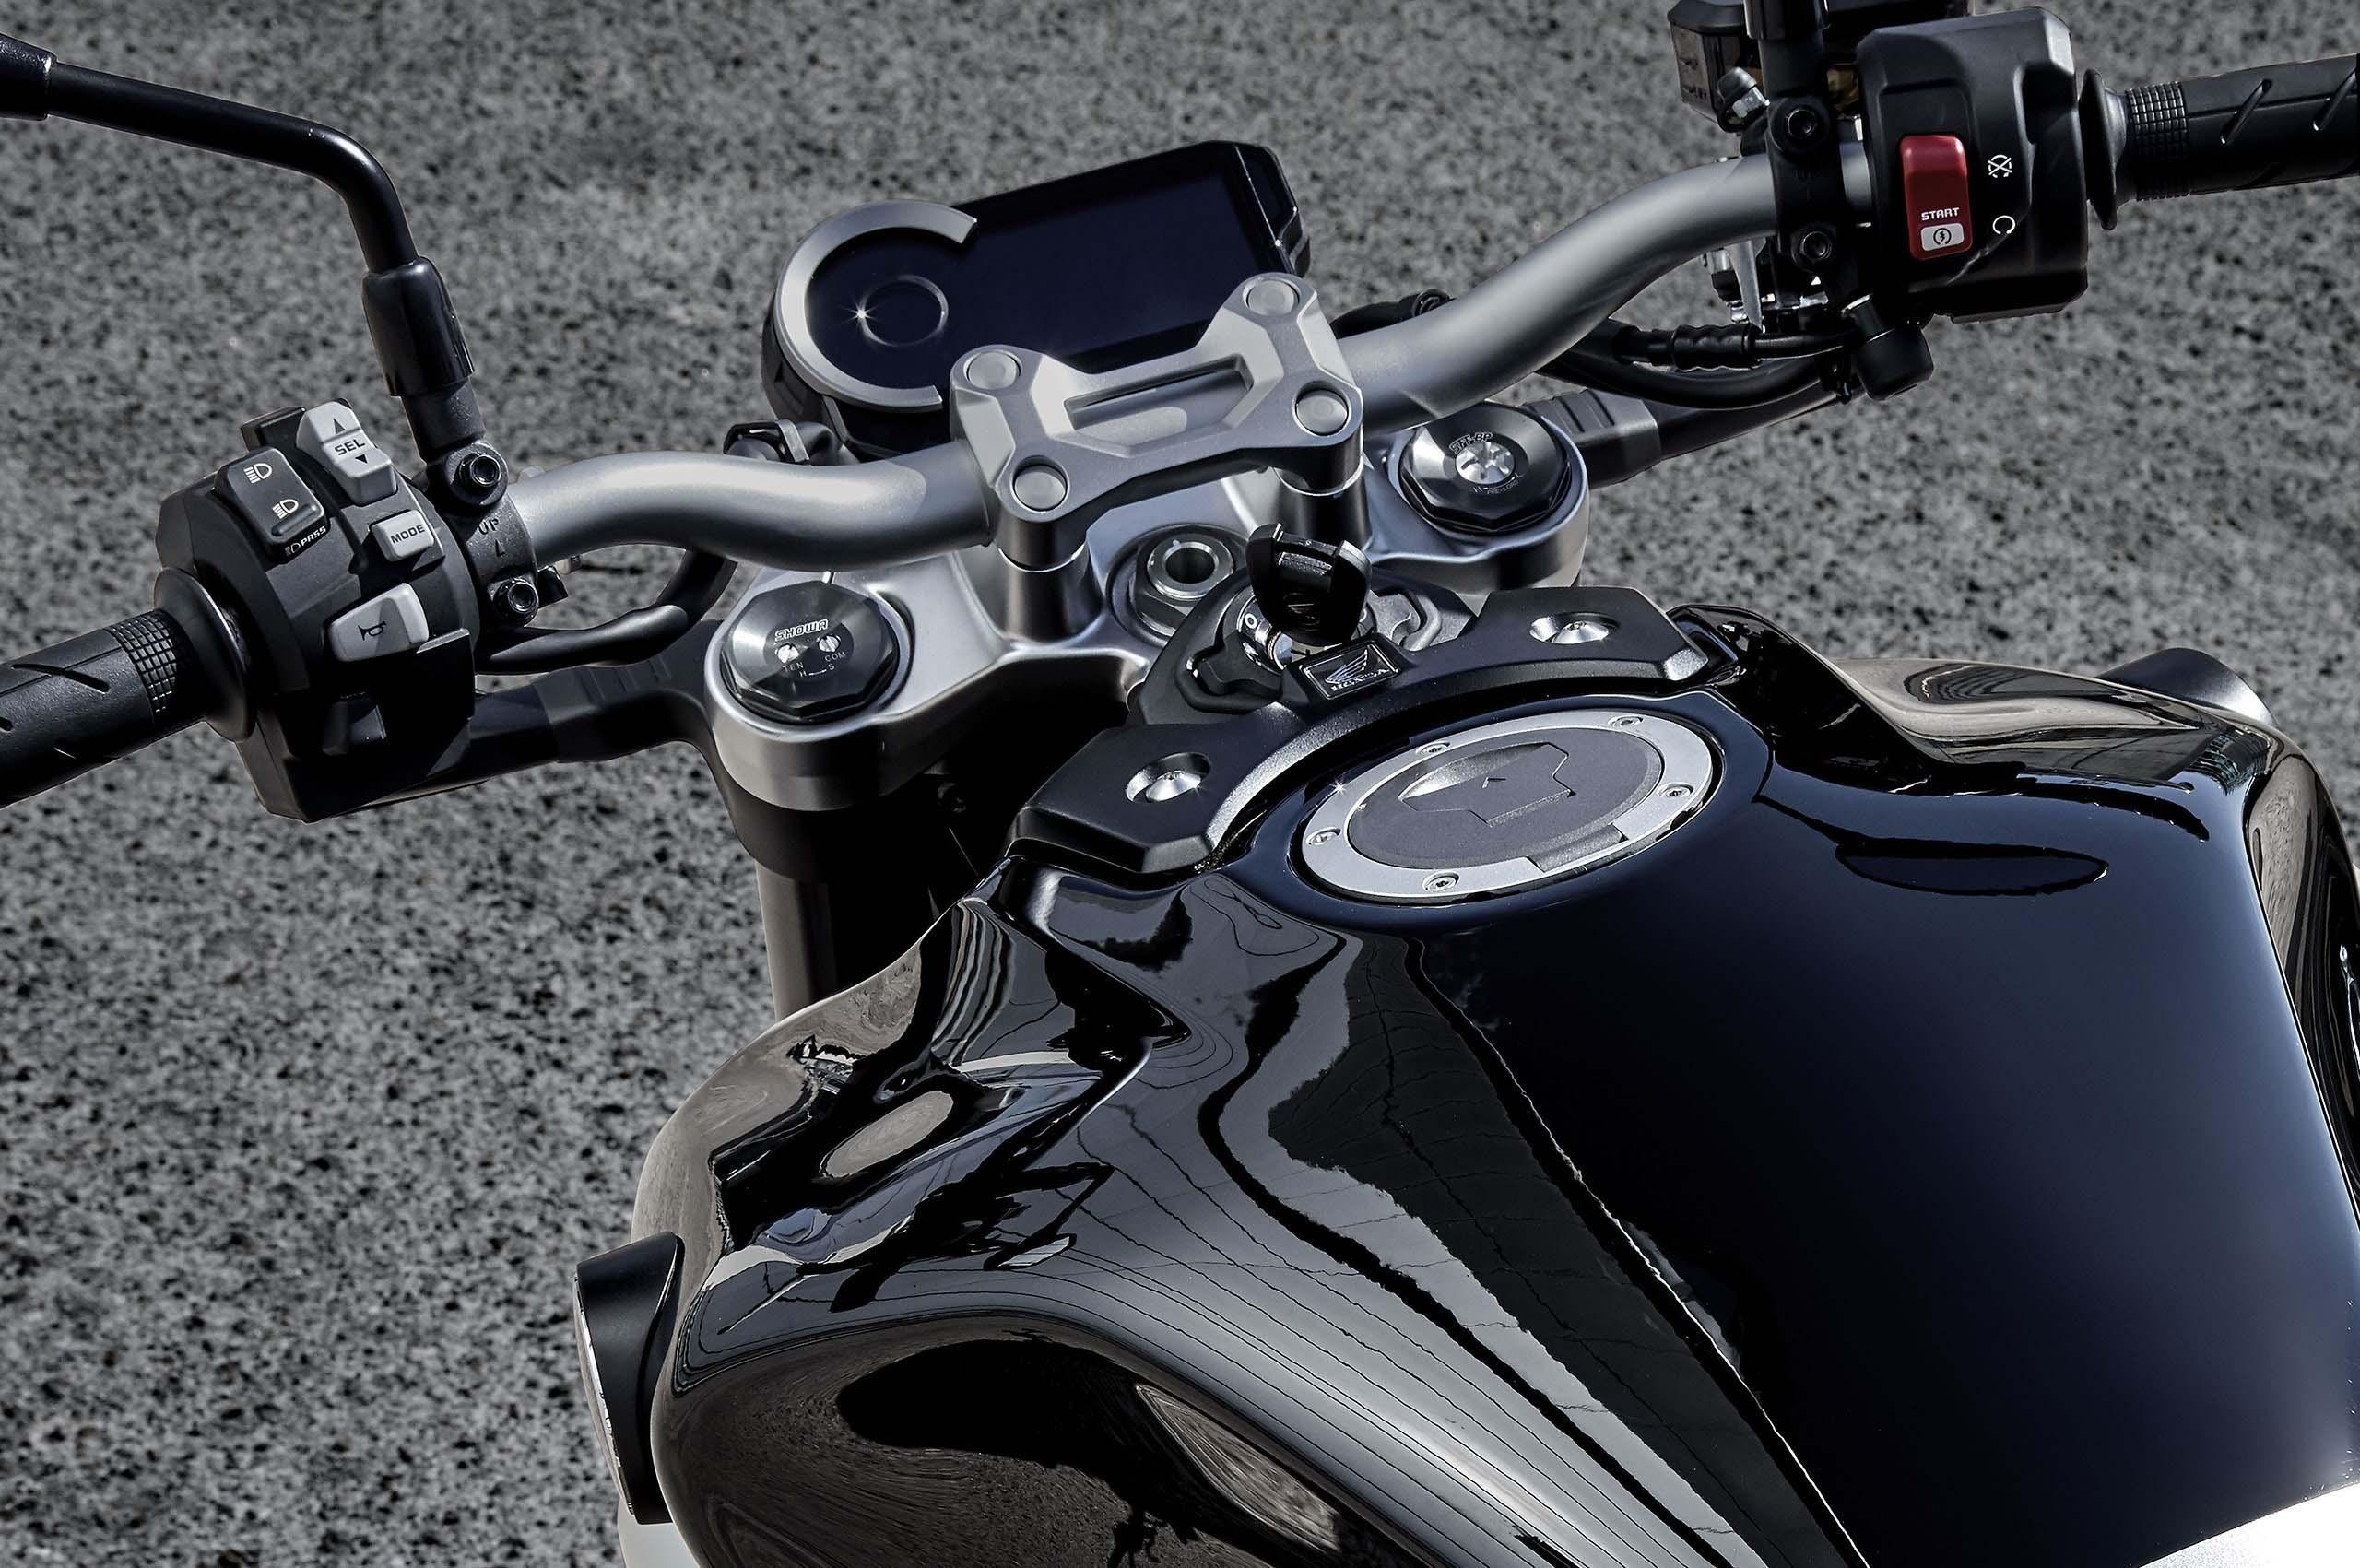 2018-Honda-CB1000R-20.jpg